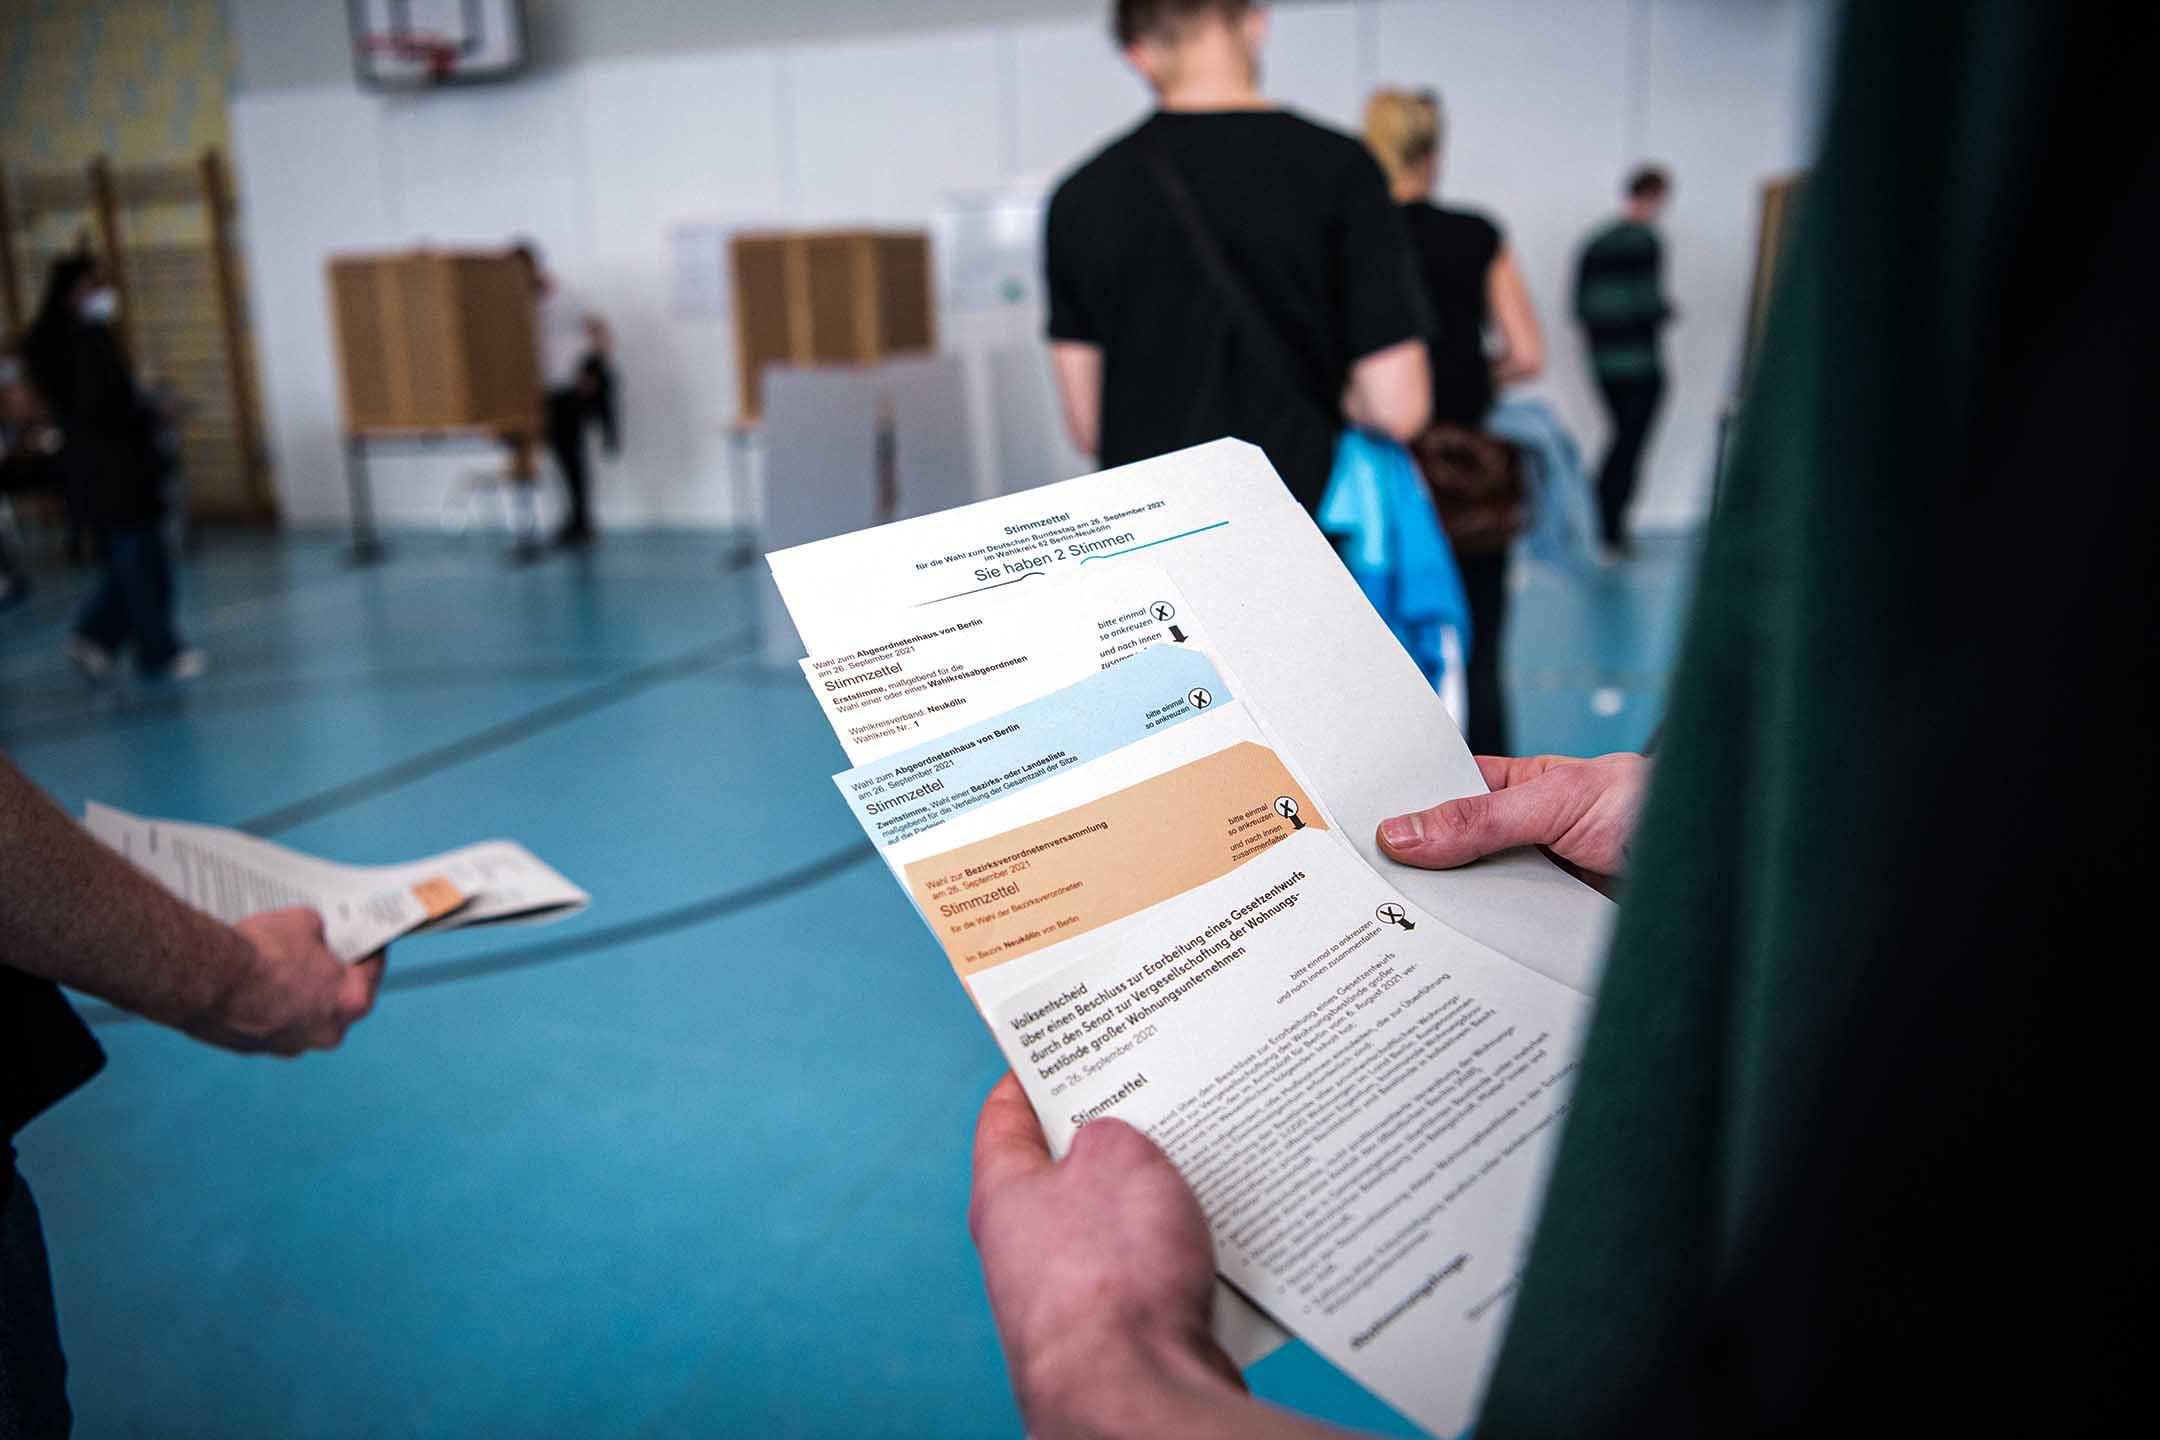 2021年9月26日德國柏林,選民排隊等候在選舉中投票。